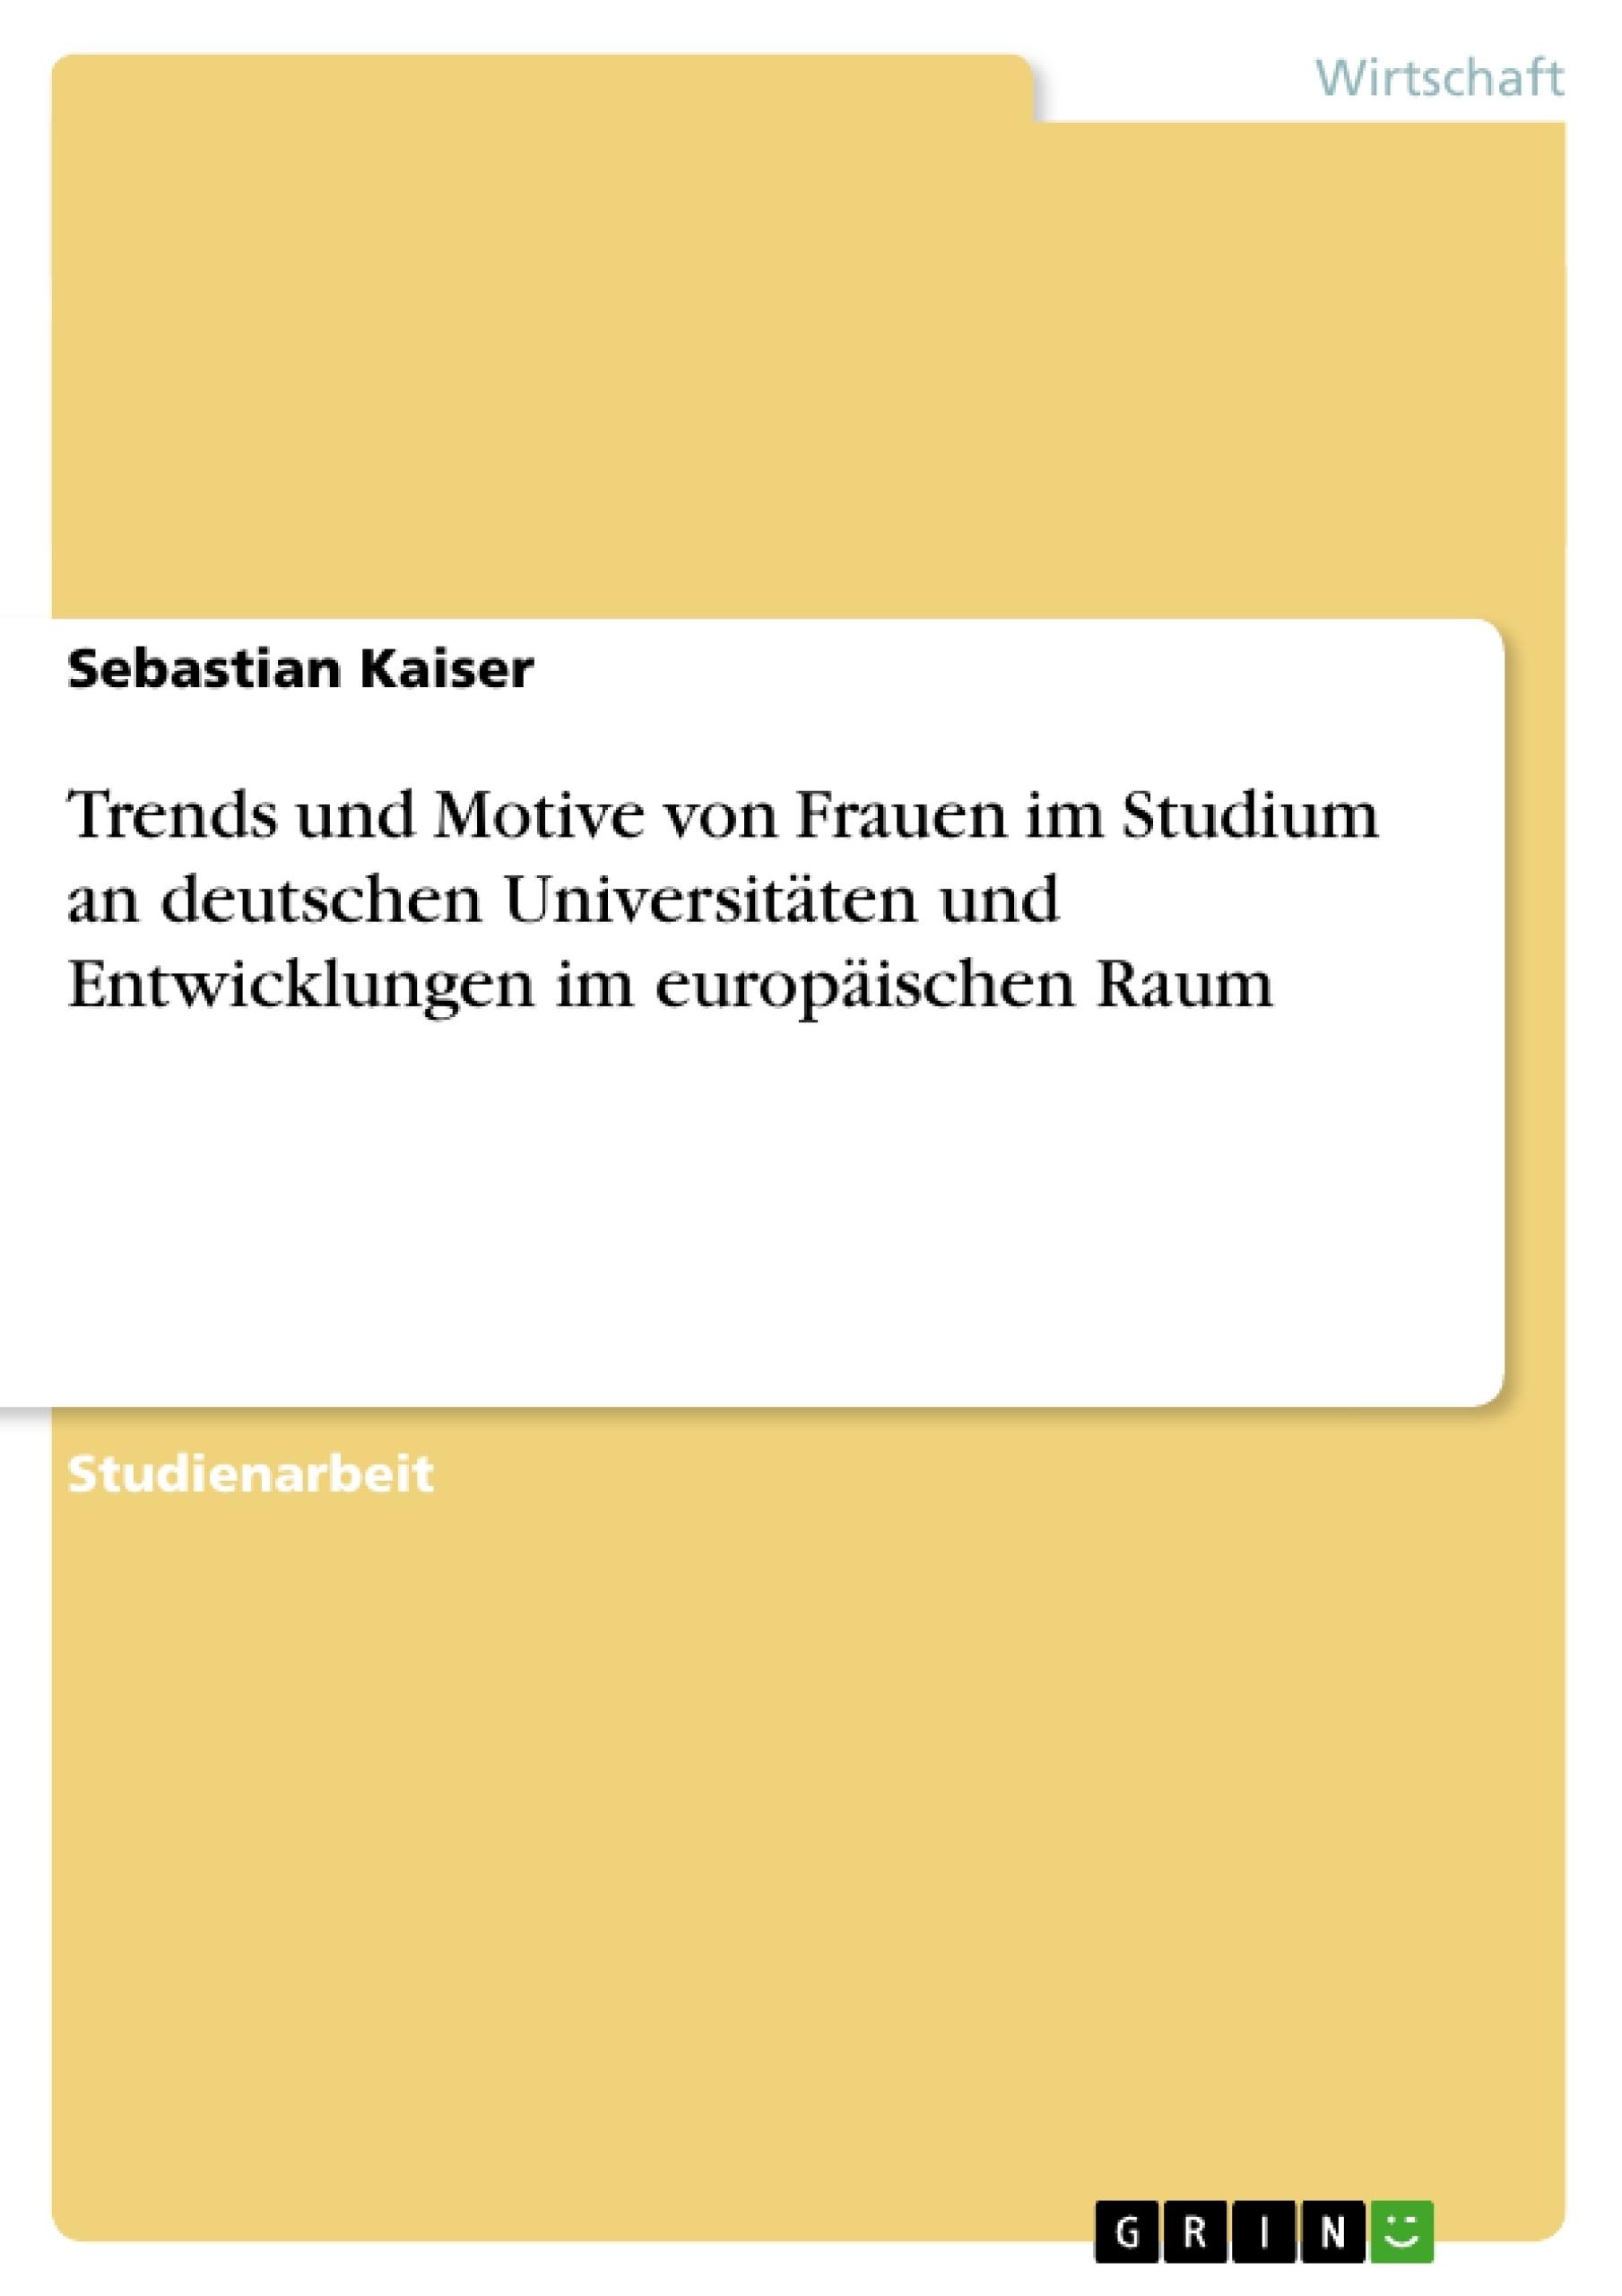 Titel: Trends und Motive von Frauen im Studium an deutschen Universitäten und Entwicklungen im europäischen Raum